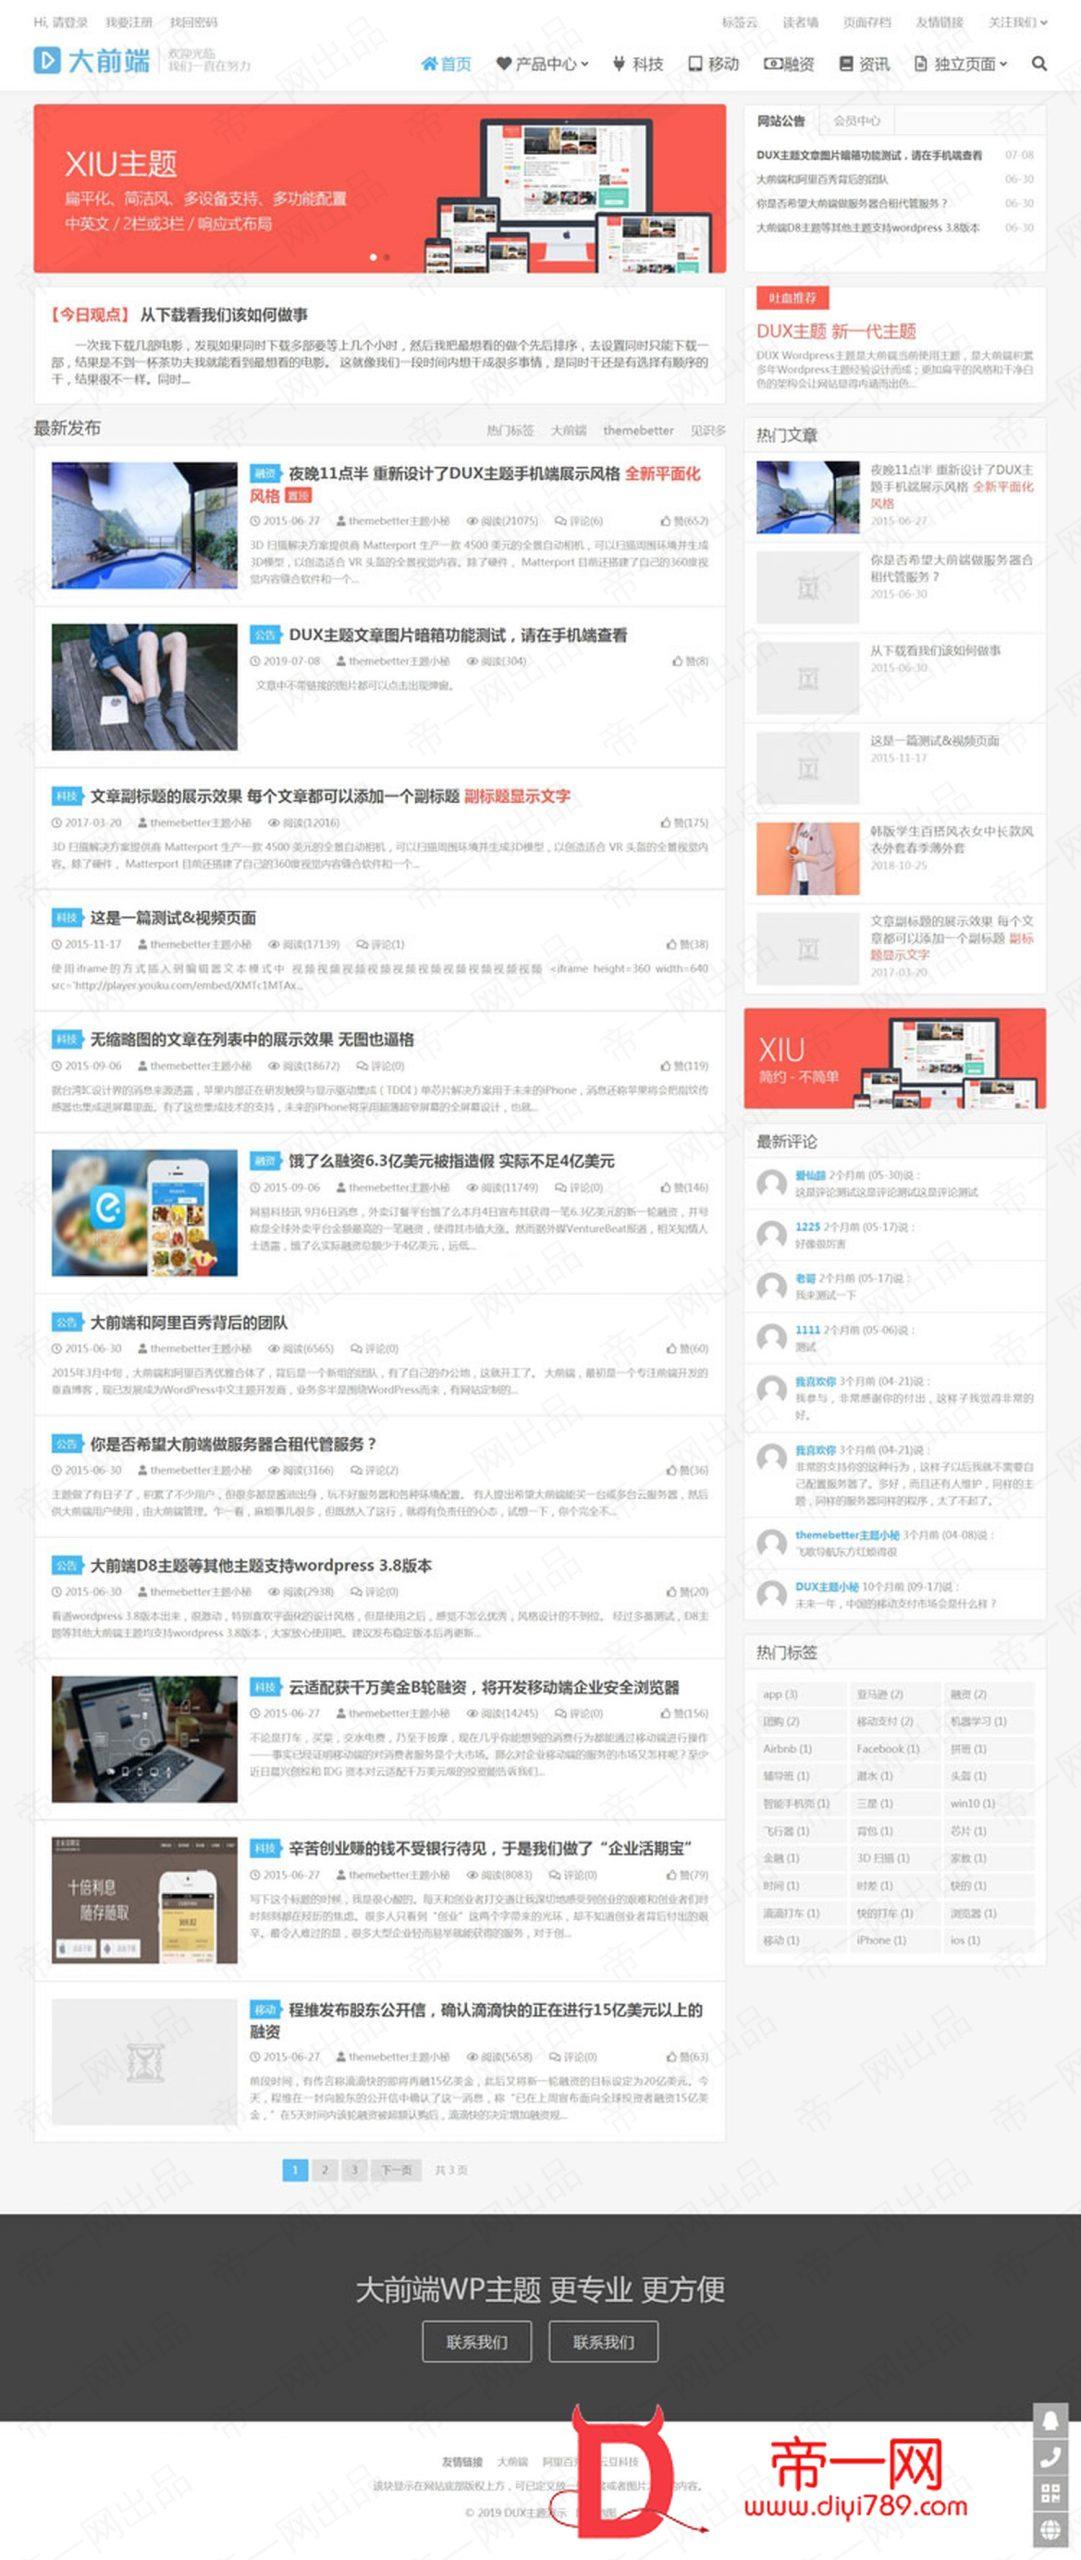 新版WordPress博客主题DUX6.3完美开心版  美化页面+集成分享+集成邮箱